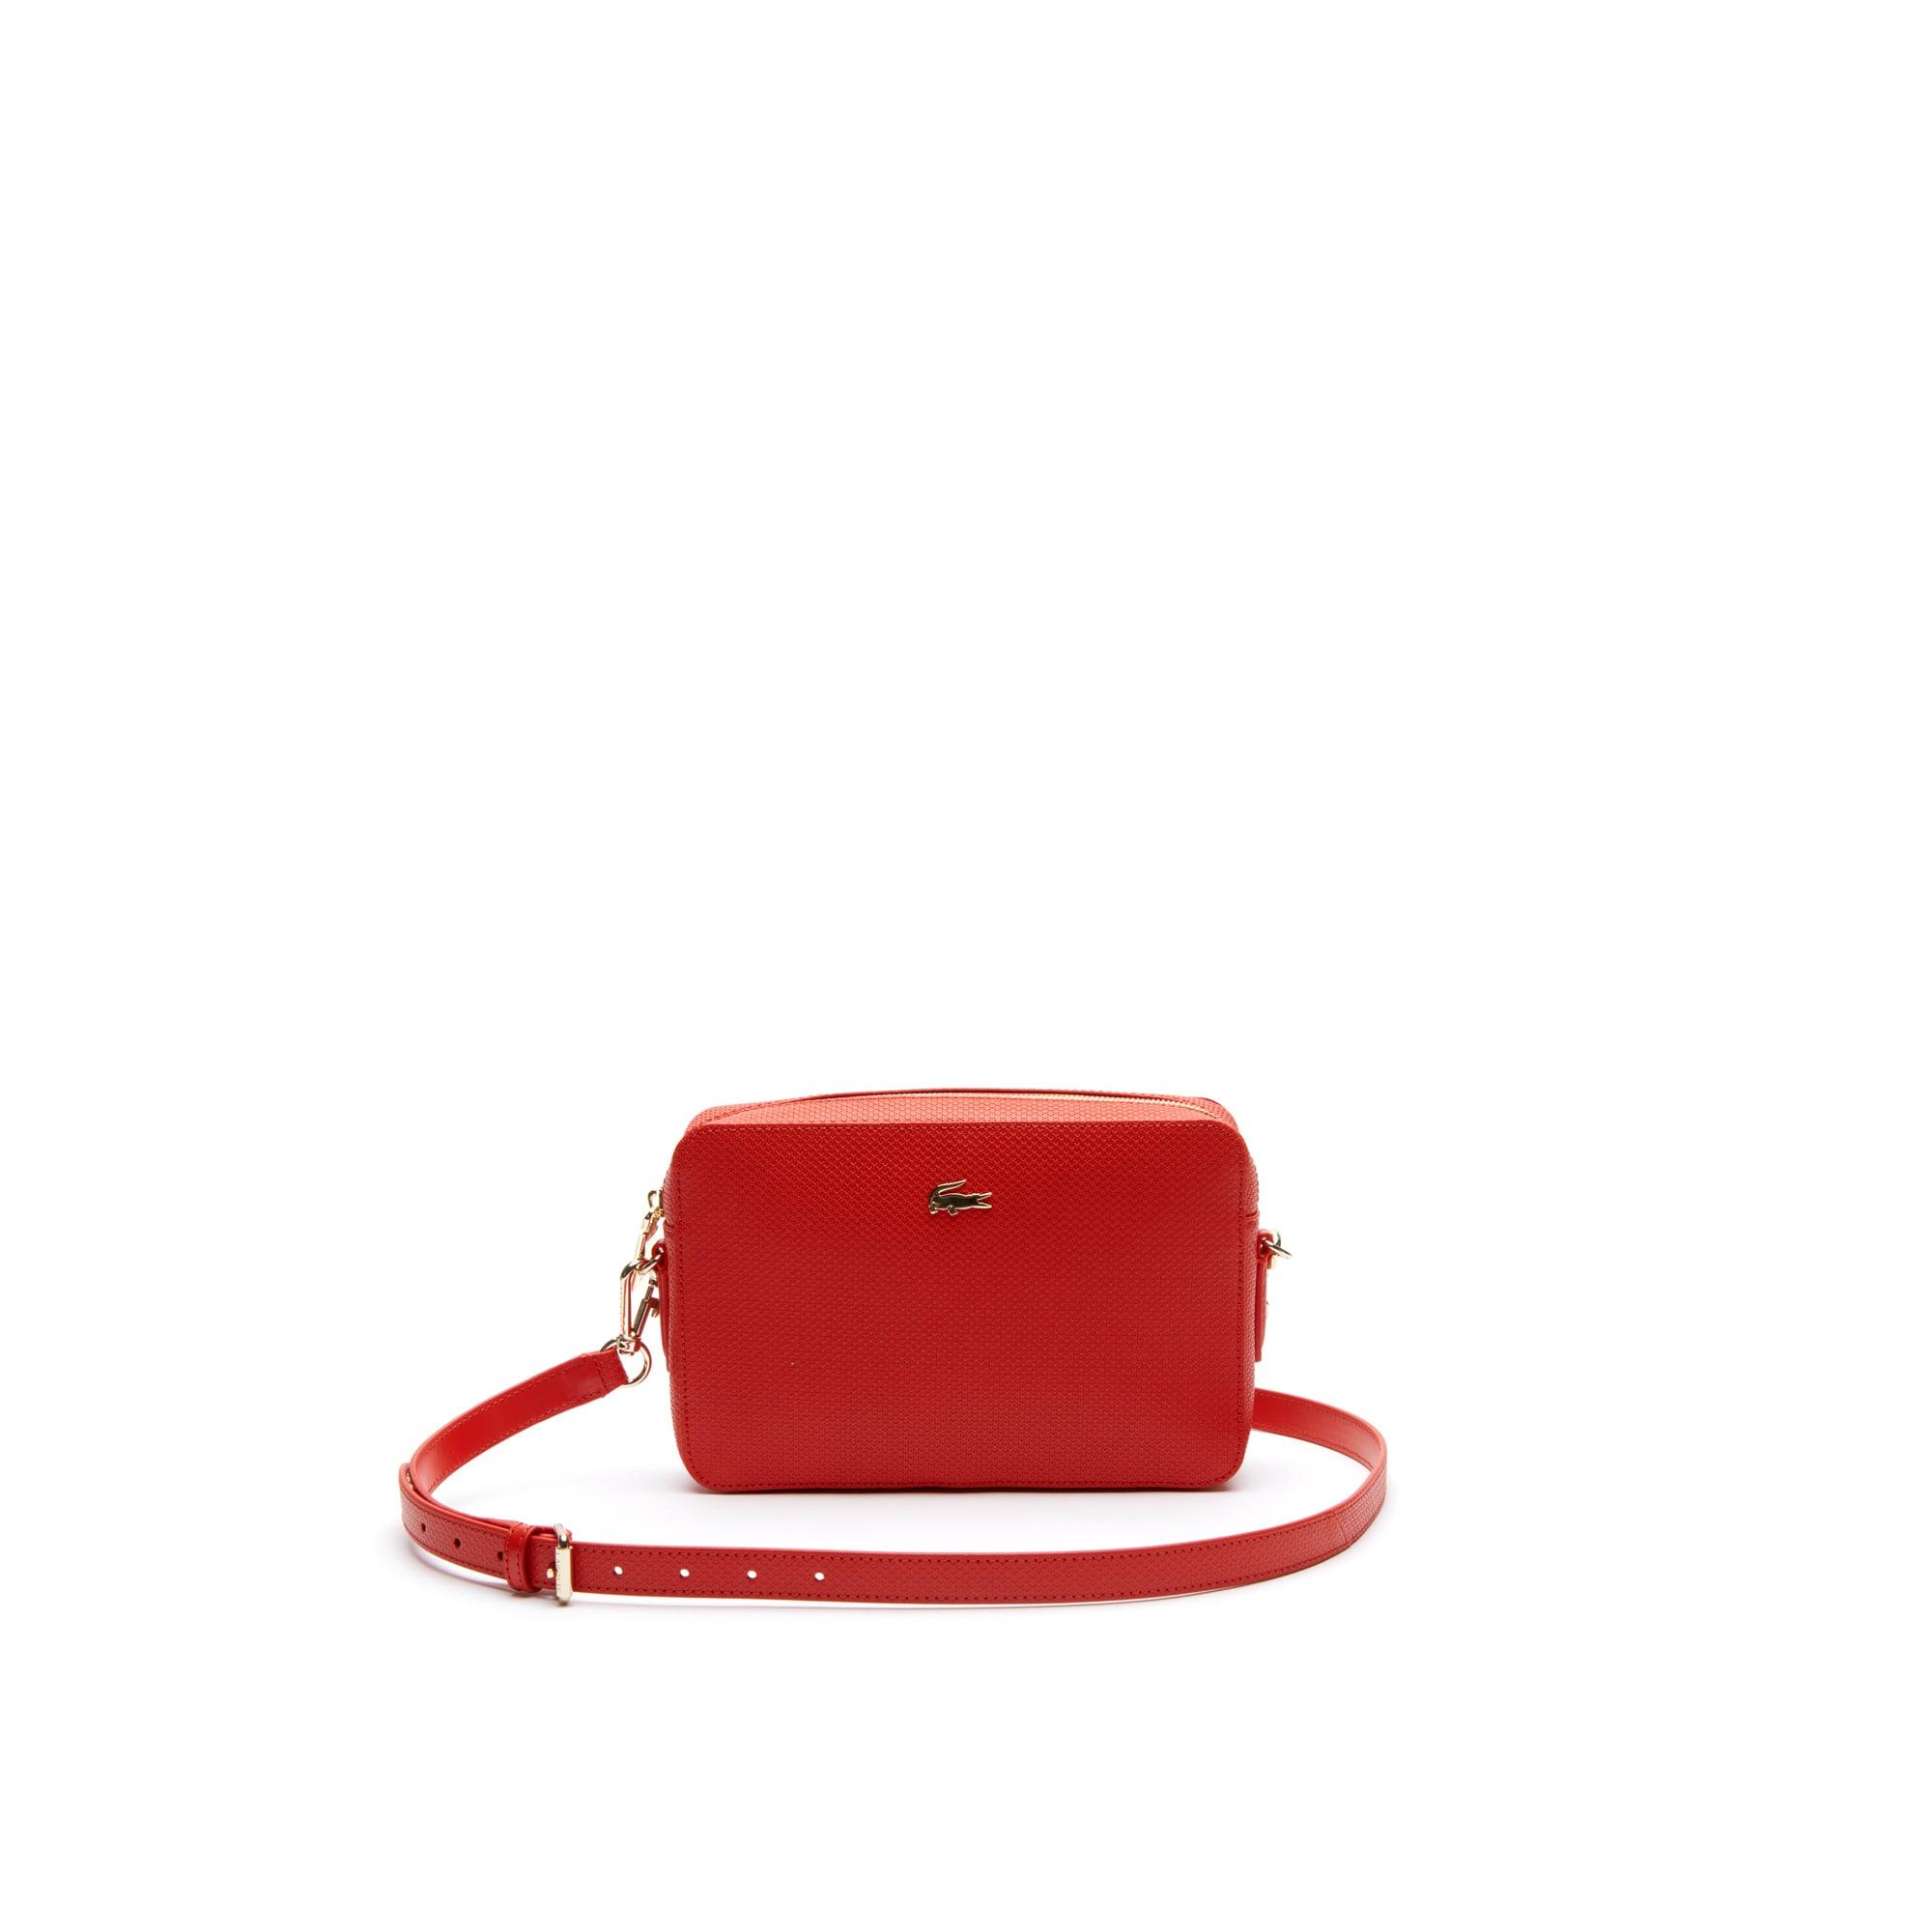 c62fd7403dc Women's Chantaco Piqué Leather Square Shoulder Bag   LACOSTE